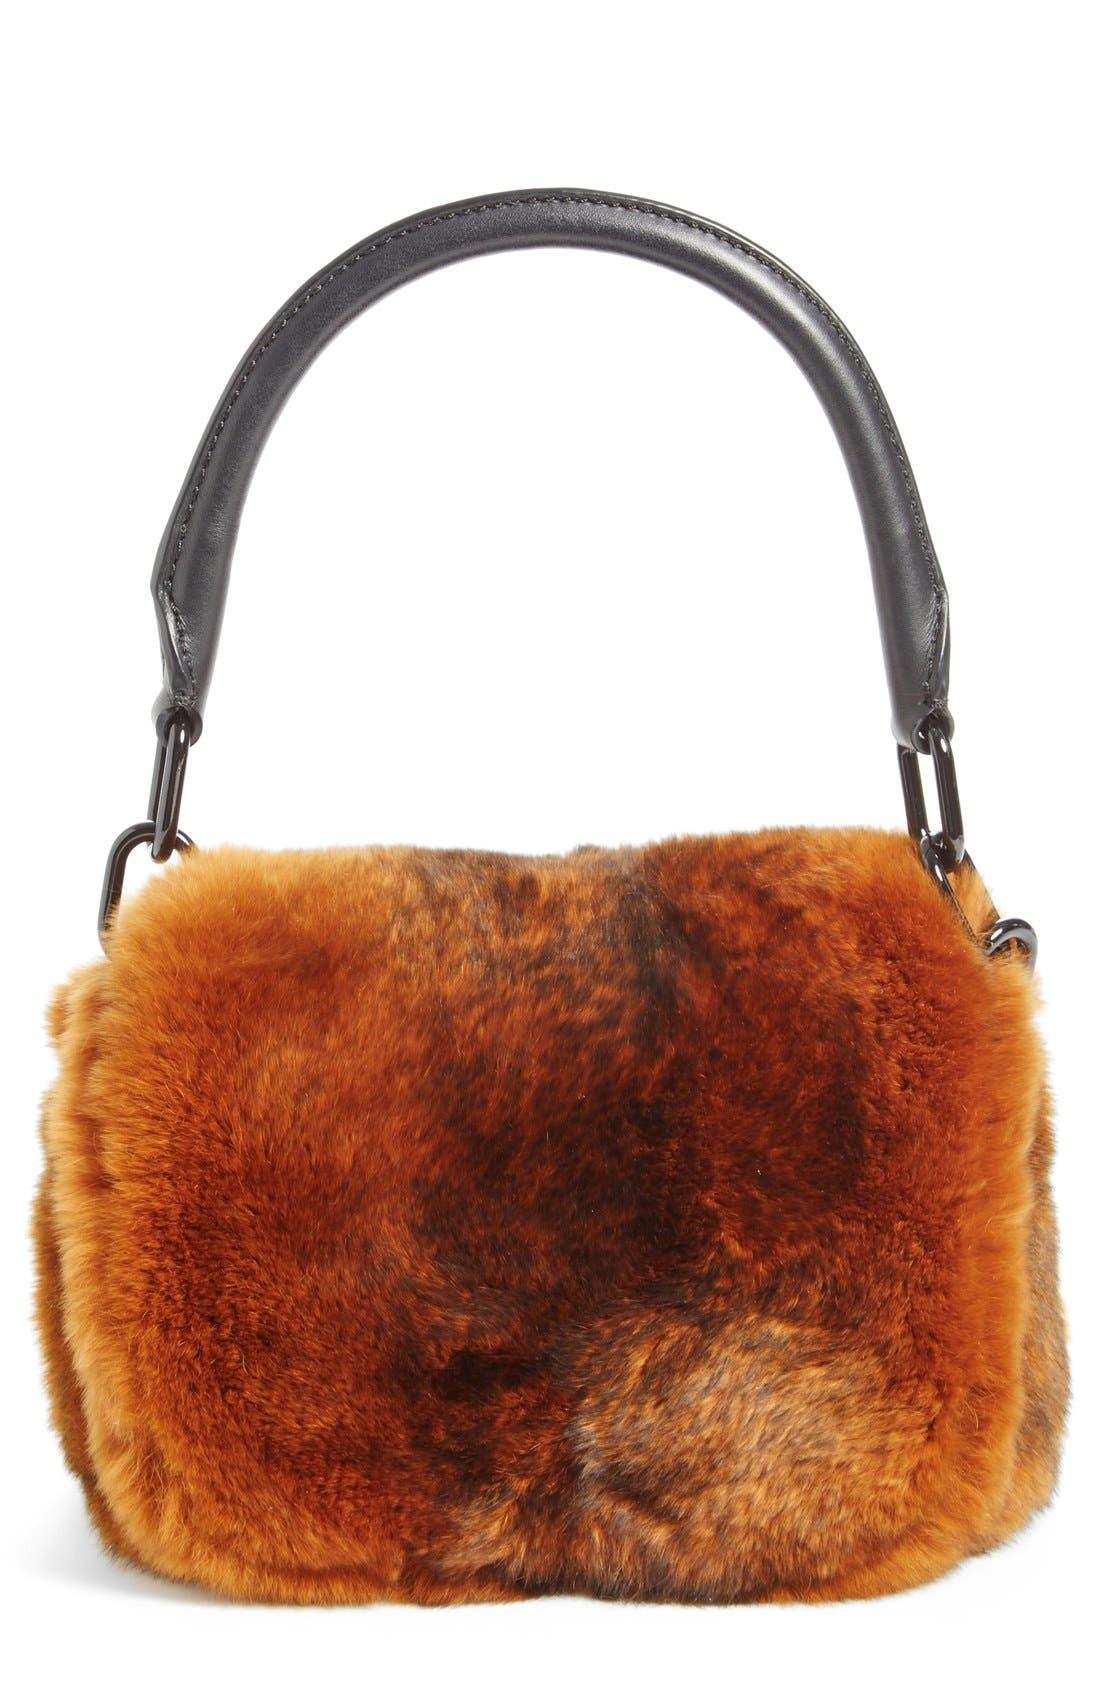 Alternate Image 1 Selected - Alexander Wang Mini Genuine Rabbit Fur Handbag